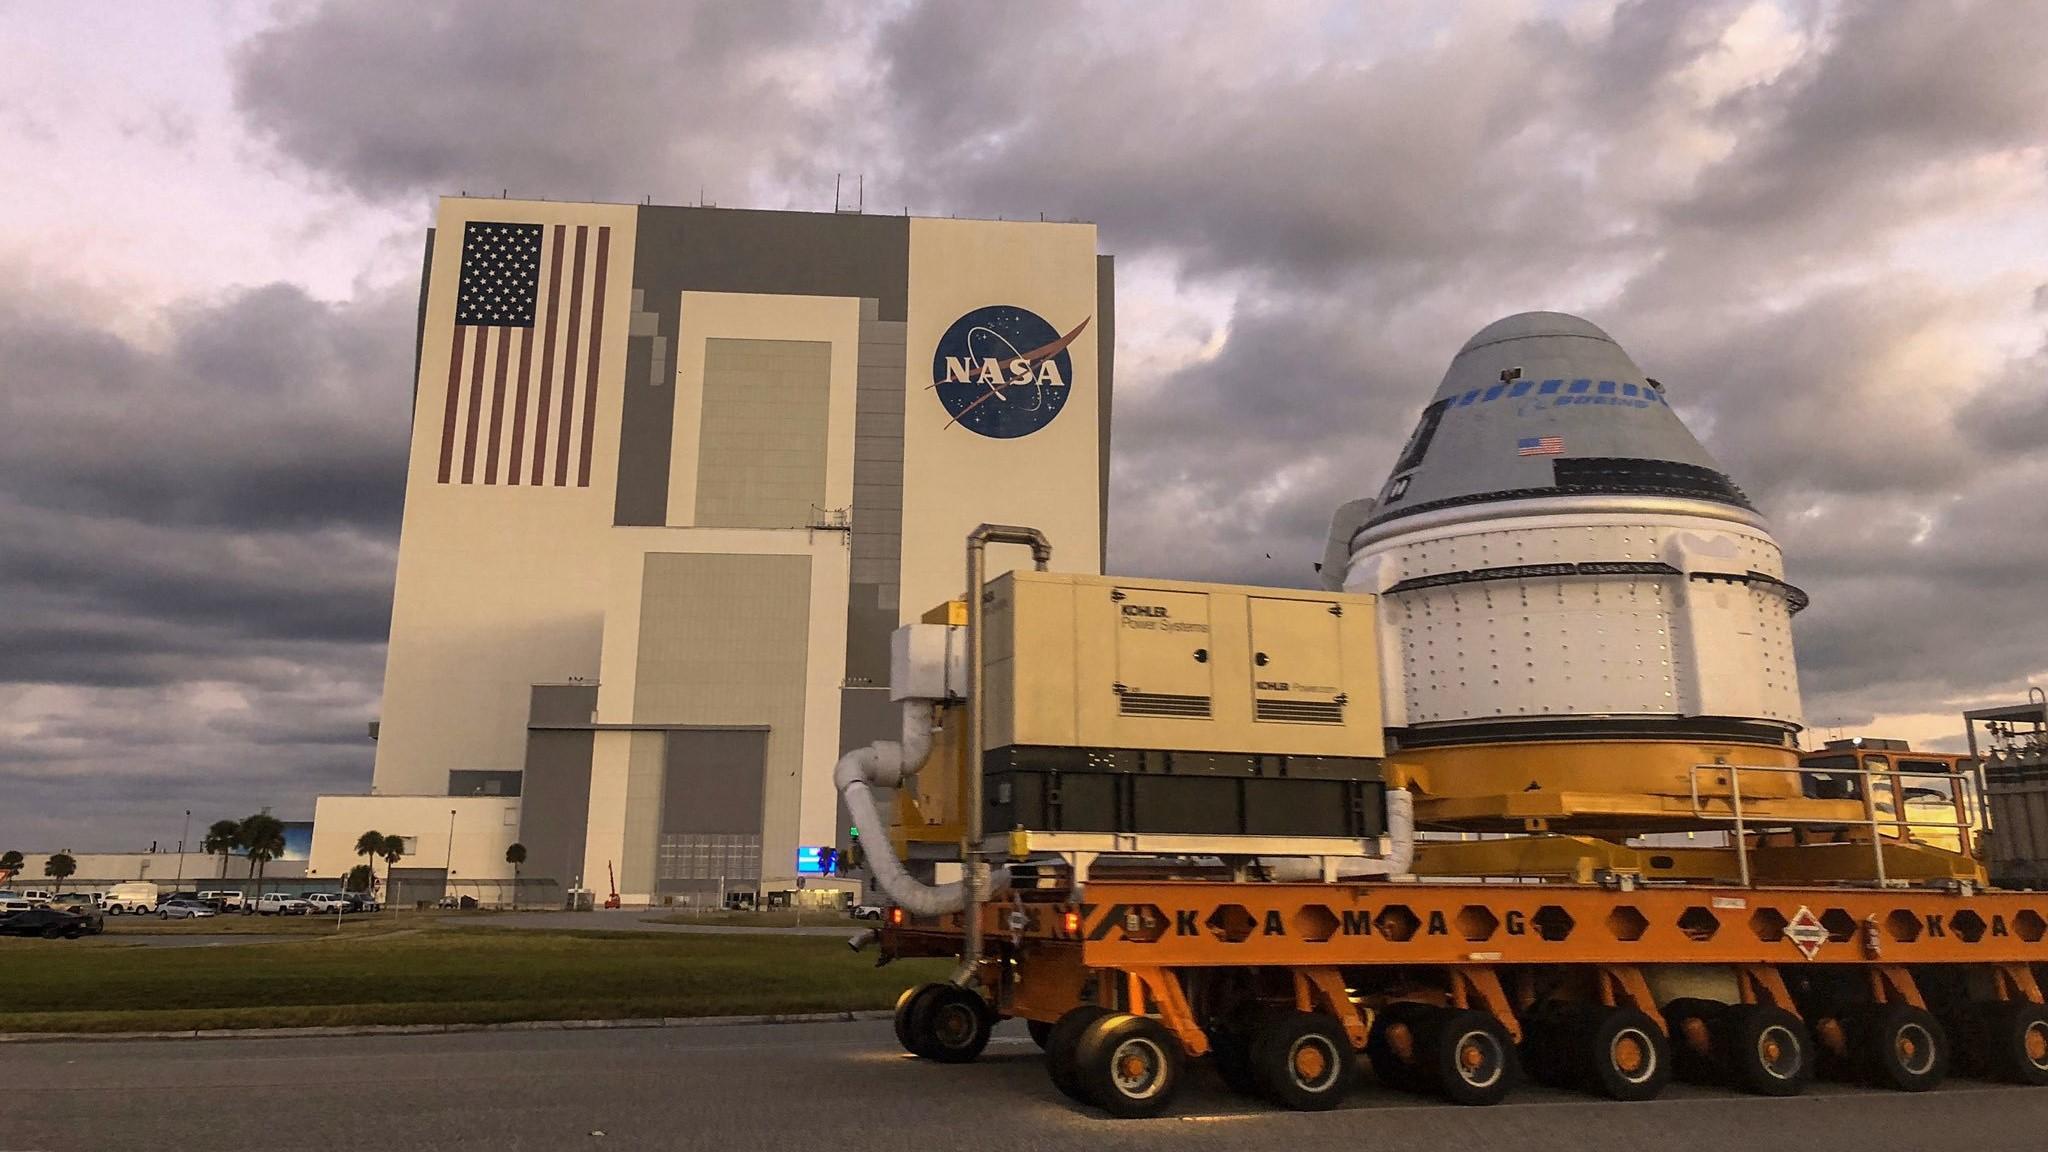 ارسال اولین کپسول فضایی Starliner بوئینگ به پایگاه پرتاب، برای پرواز آزمایشی